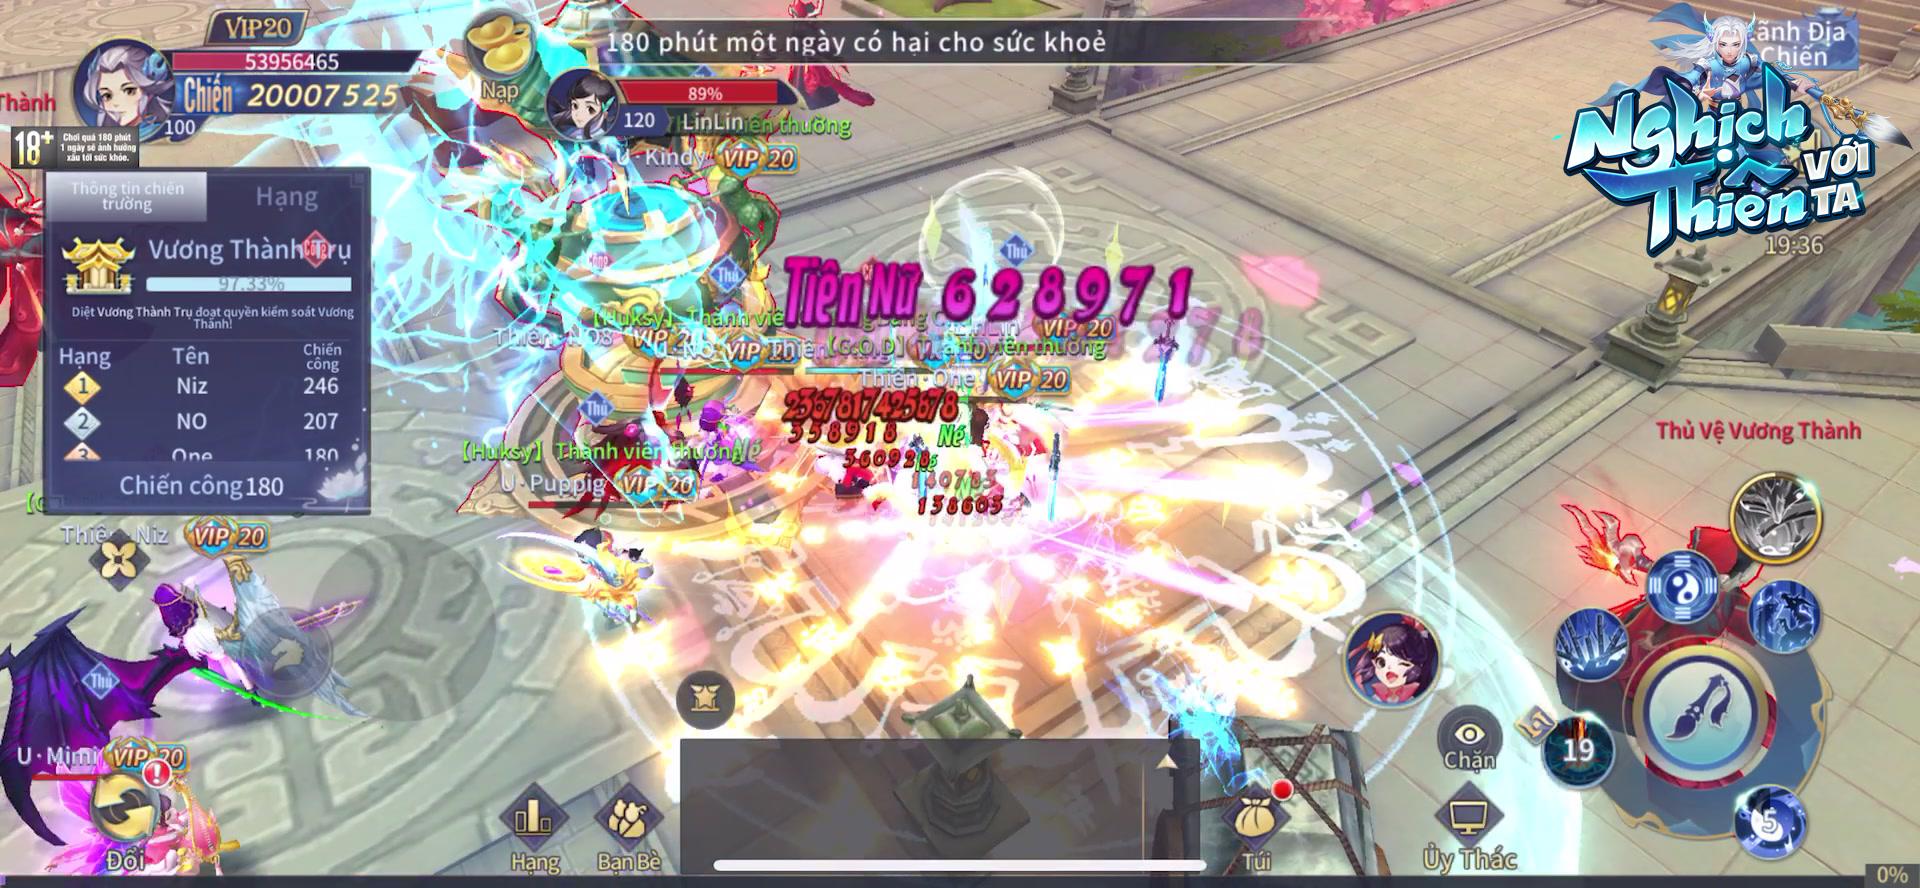 Nghịch Thiên Với Ta màn dội bom khủng khiếp đến từ các sản phẩm nhập vai Game4v-nghich-thien-voi-ta15